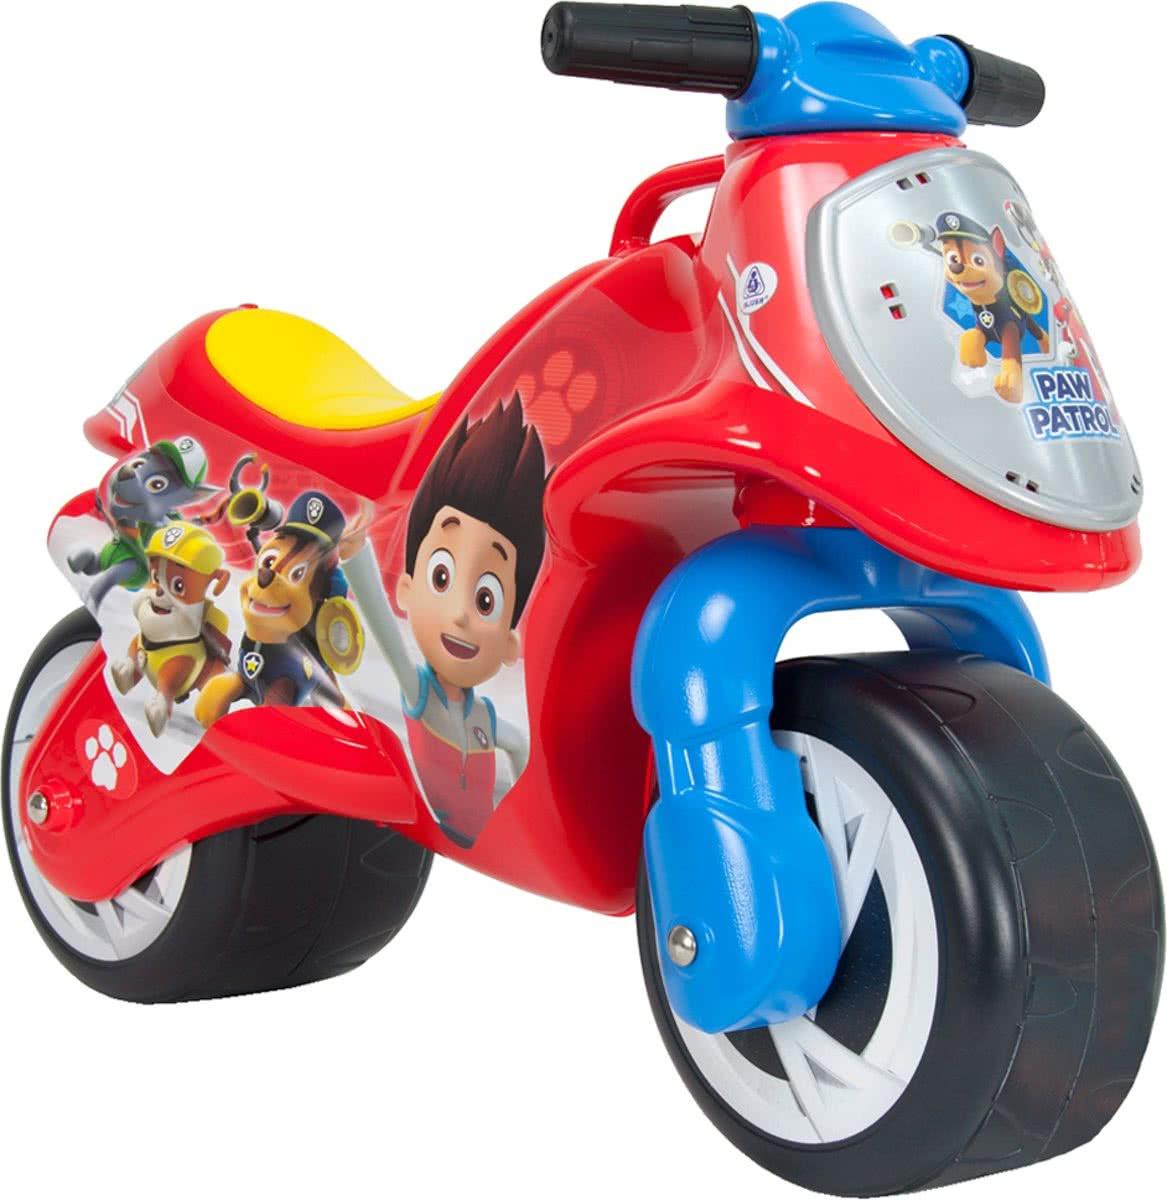 Loopmotor voor baby's vanaf 1 jaar - De leukste op een rij